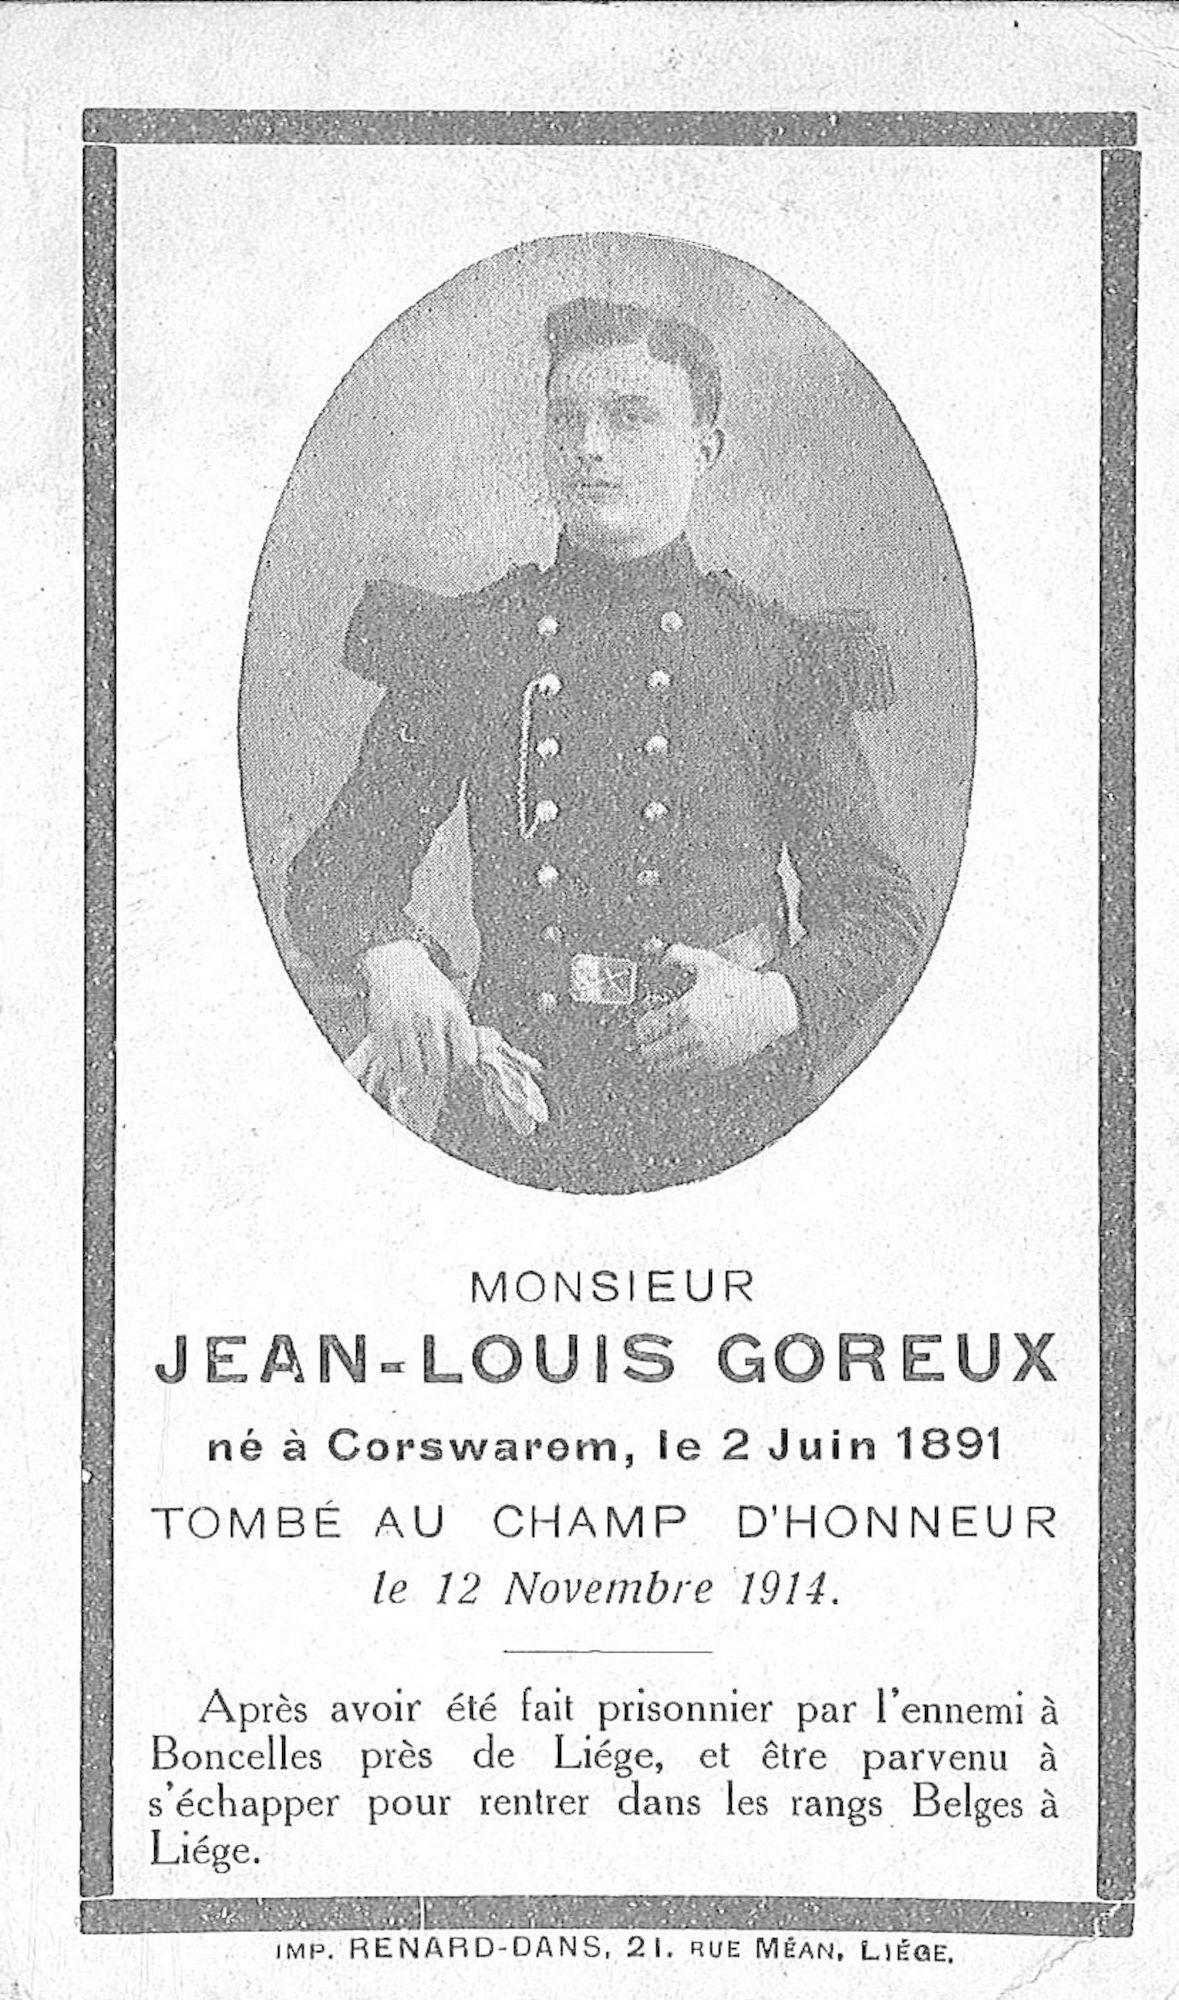 Jean-Louis Goreux